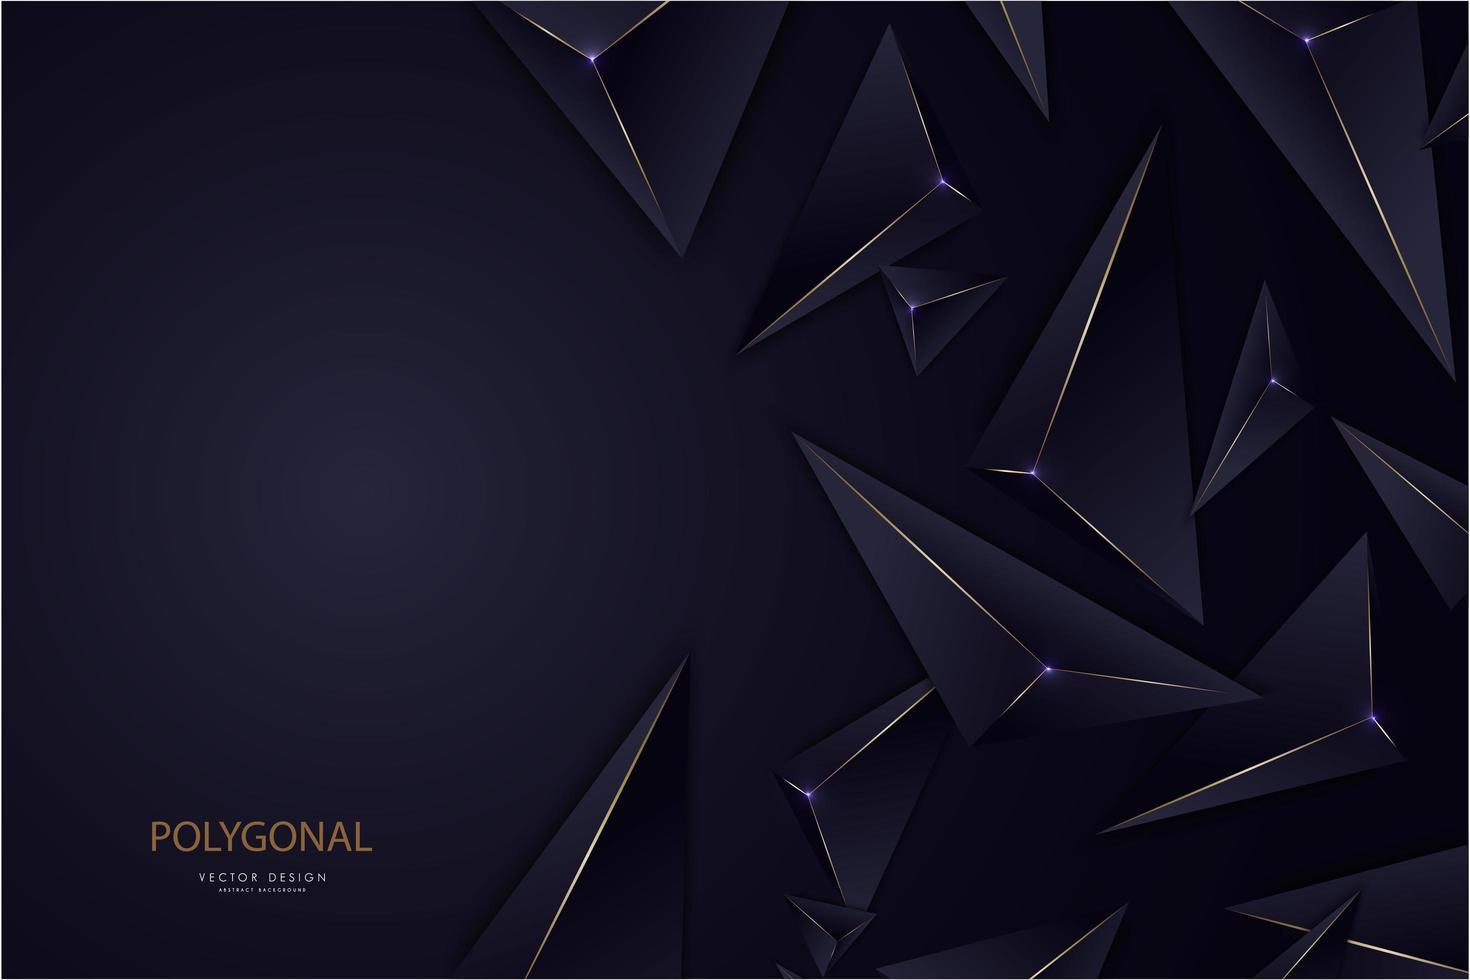 donkerblauw en goud lijn 3d driehoeken modern design vector